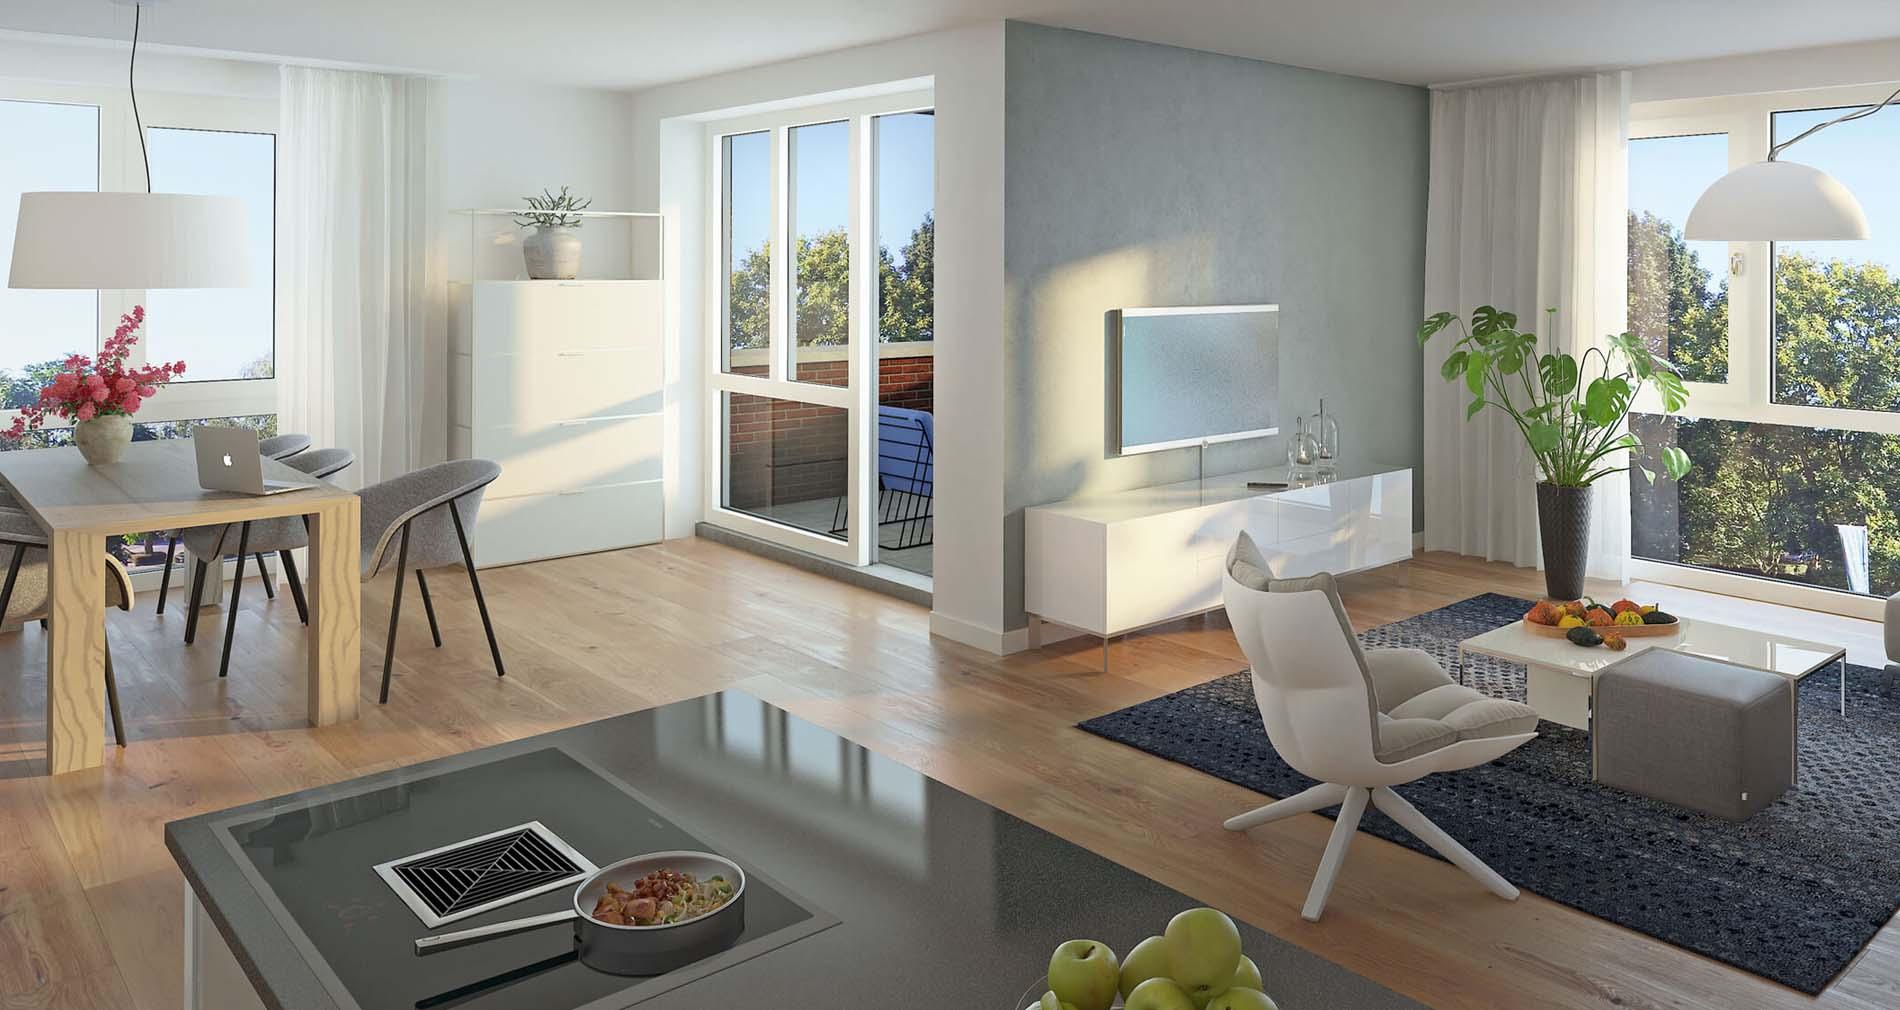 Project Appelvink in Panningen, ASWA Keukens